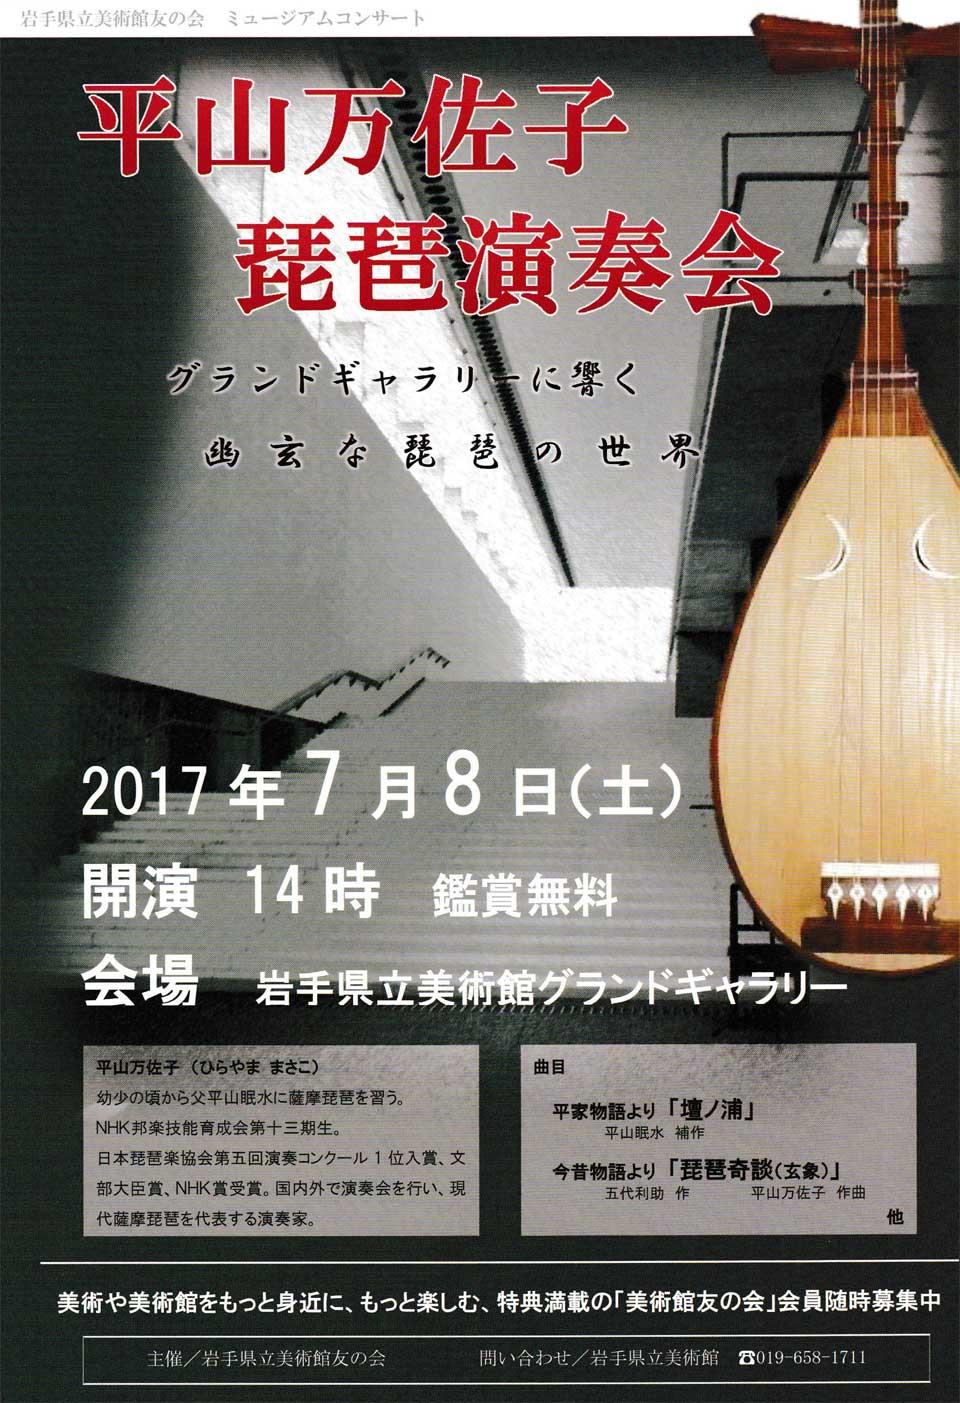 平山万佐子「琵琶演奏会」